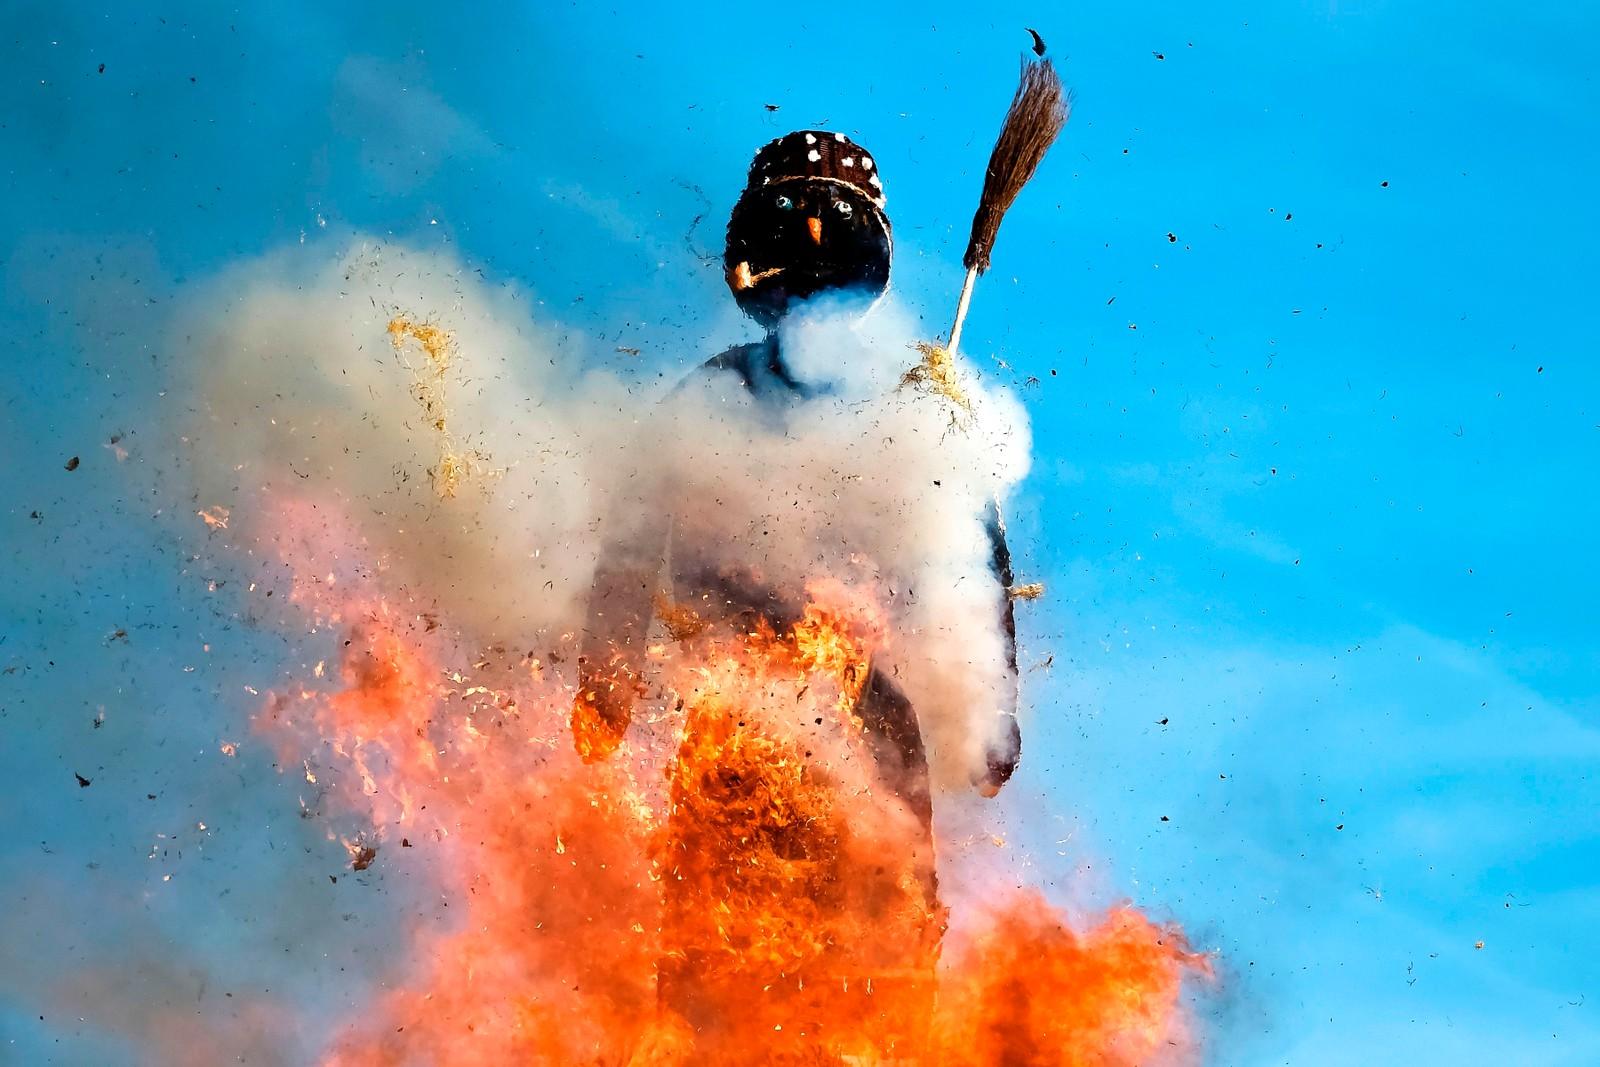 """Et eksplosivt farvel til vinteren. Dette bildet er fra Sechseläuten, en vårfestival som feires i Zürich. I sentrum av begivenhetene er denne """"snømannen"""" som er fylt med sagflis og raketter. Moroa starter når det store bålet han står på antennes."""